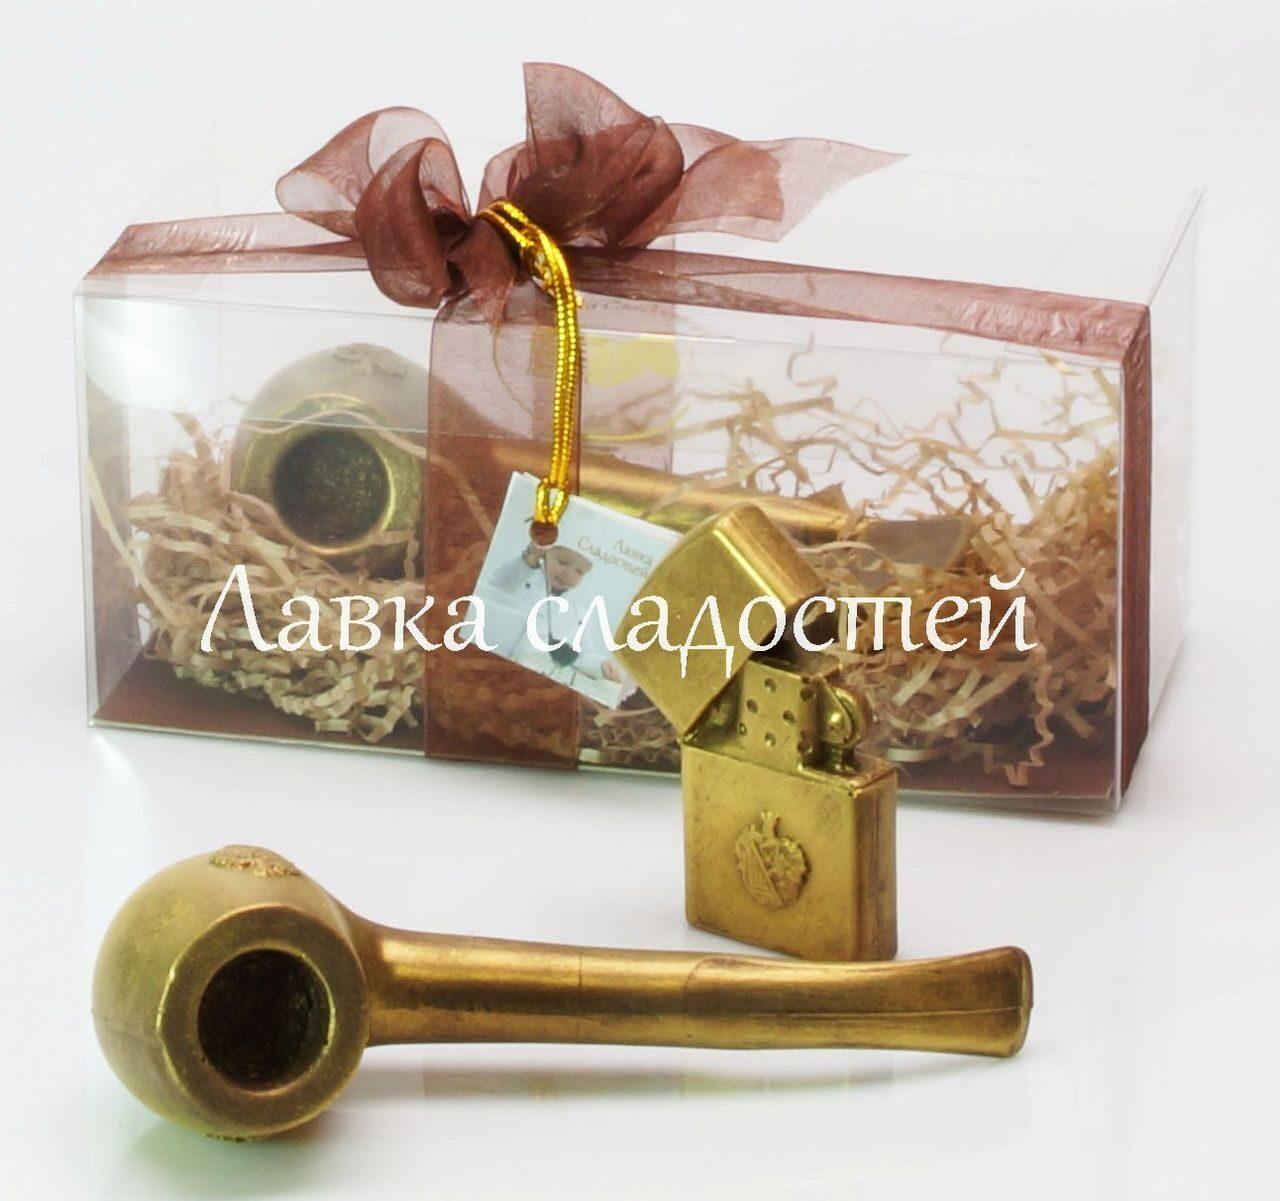 Шоколадные подарки для мальчиков и мужчин. Лавка Сладостей 14